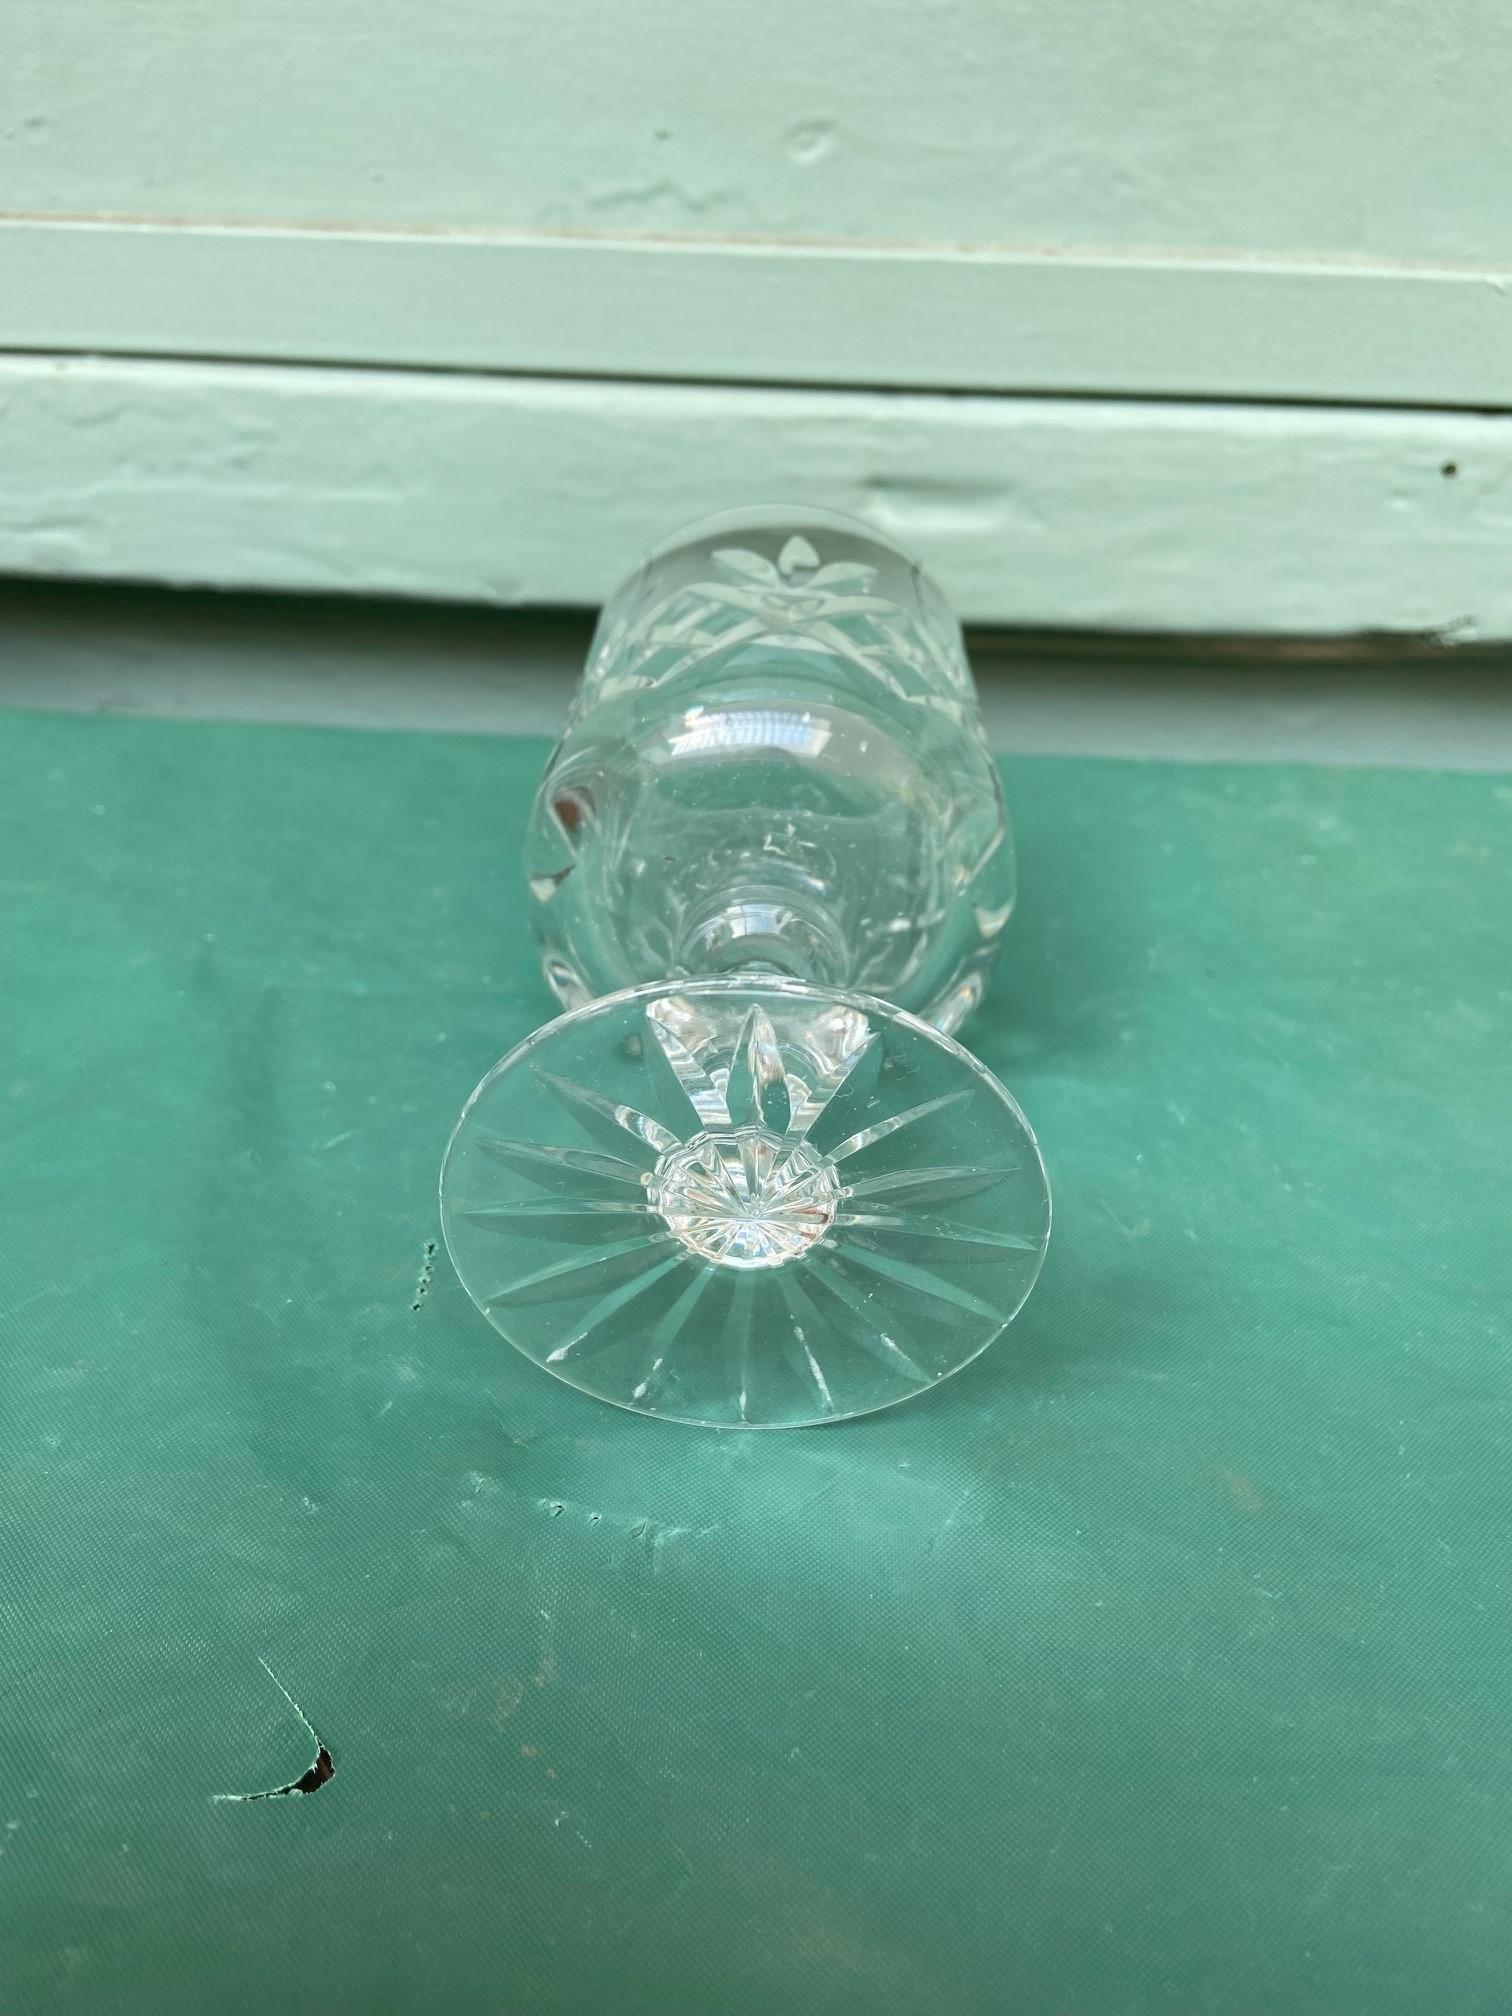 6 diamond cut Stuart crystal wine glasses - Image 8 of 11